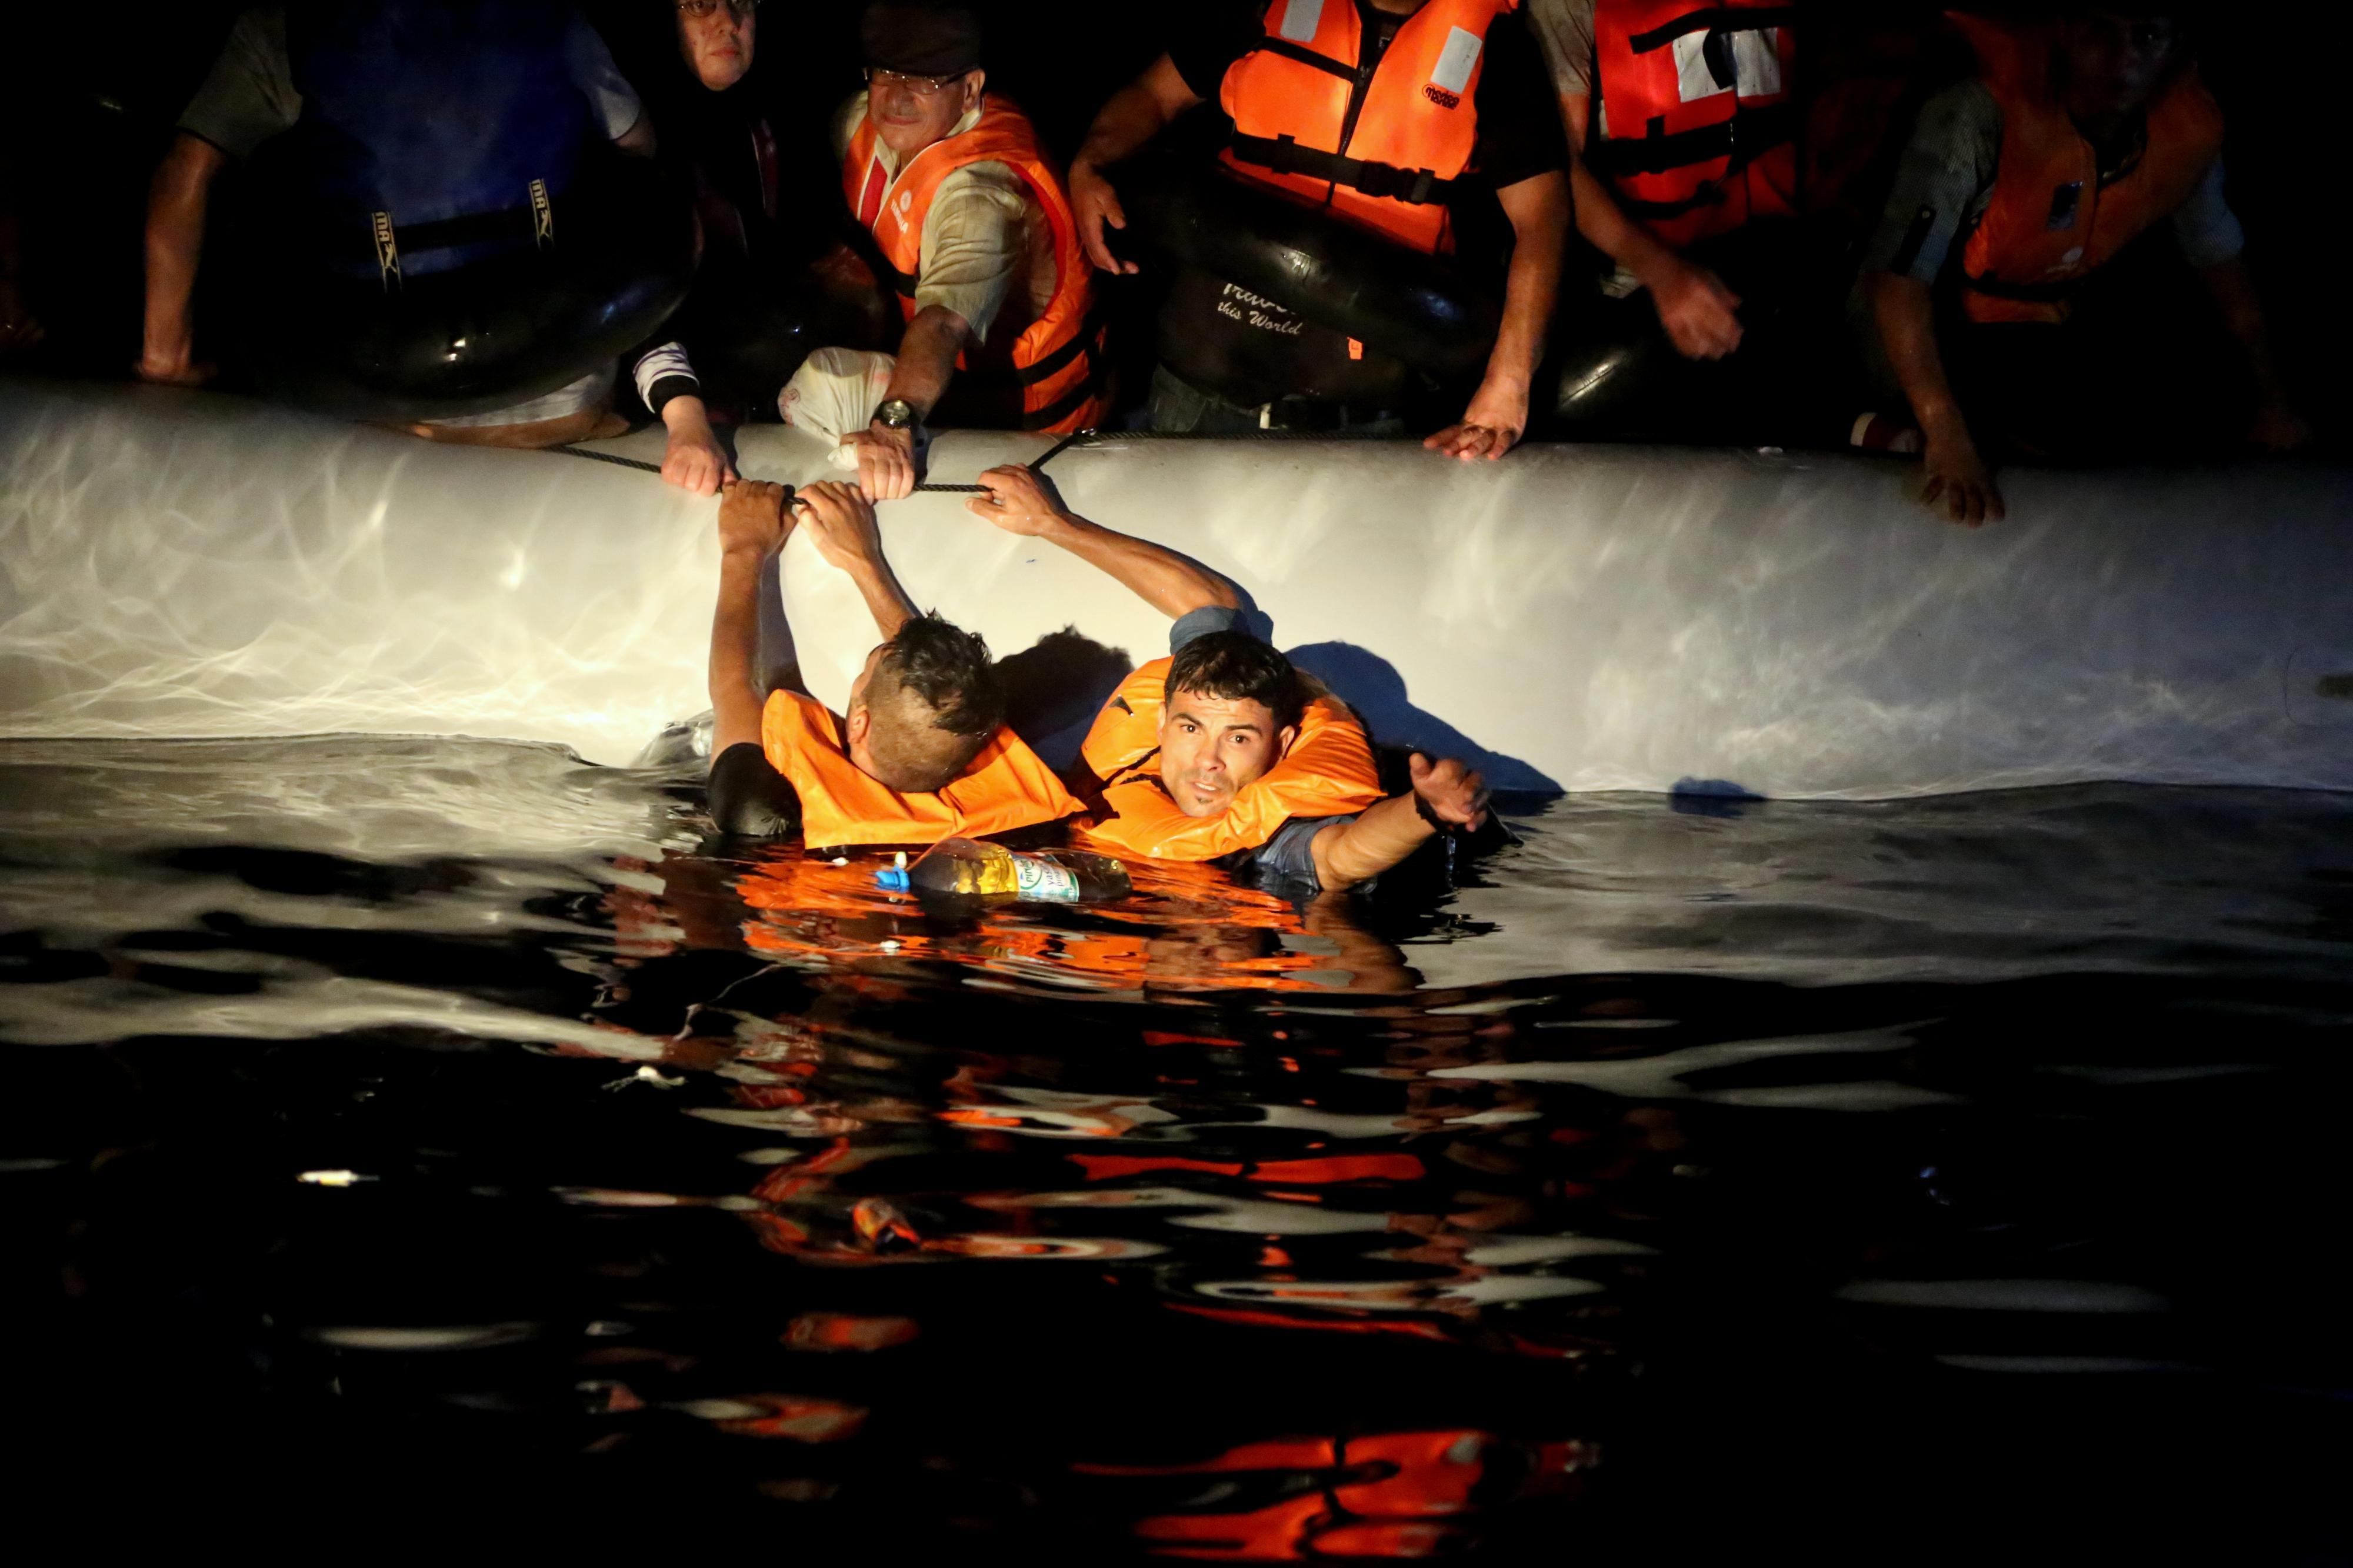 Costa defende manutenção de quotas para acolhimento de refugiados